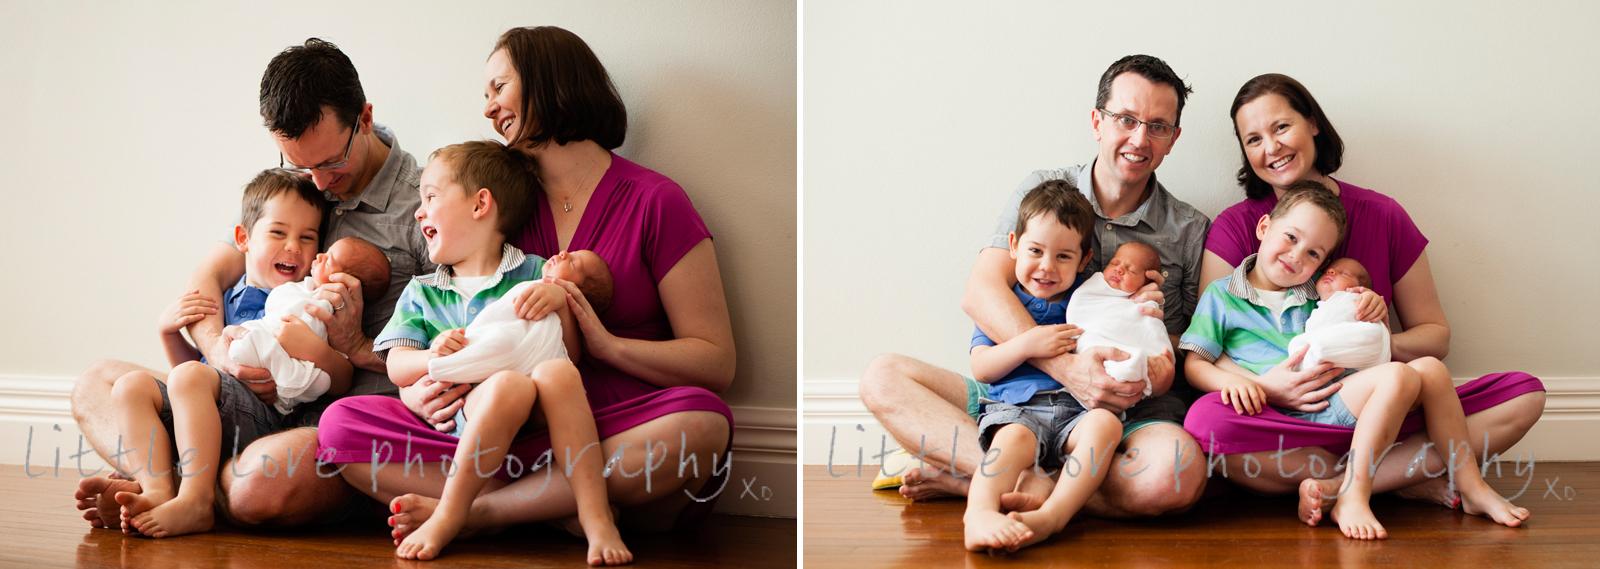 familyphotographysydney044.jpg